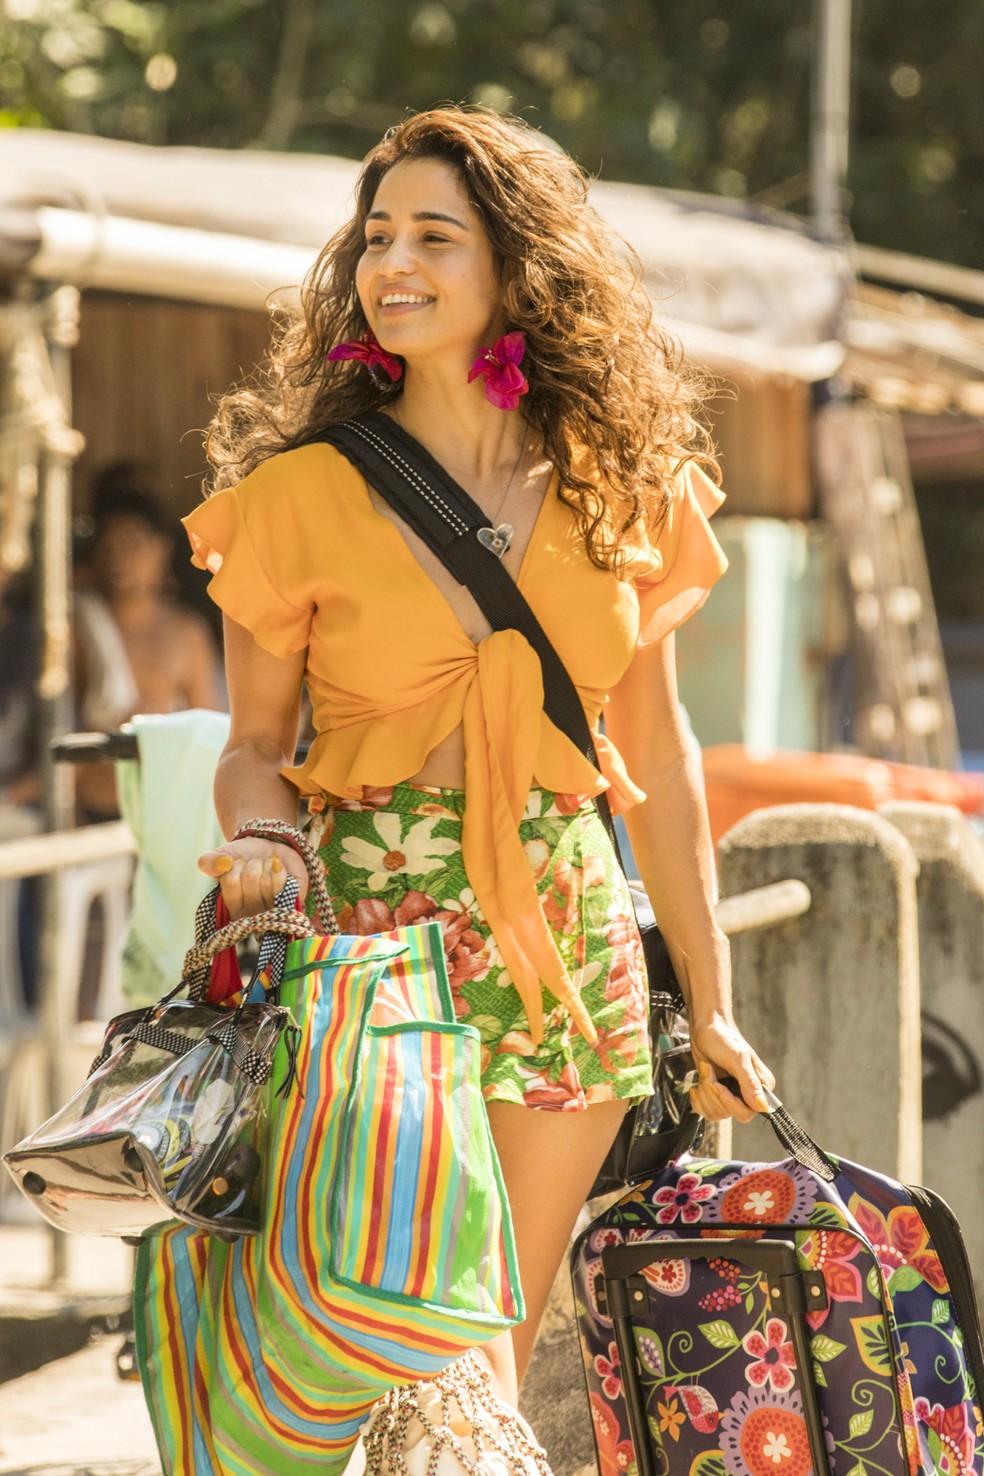 Nanda Costa é Érica, uma das filhas de Lurdes (Regina Casé) em 'Amor de Mãe', próxima novela das 9  — Foto: João Cotta/Globo